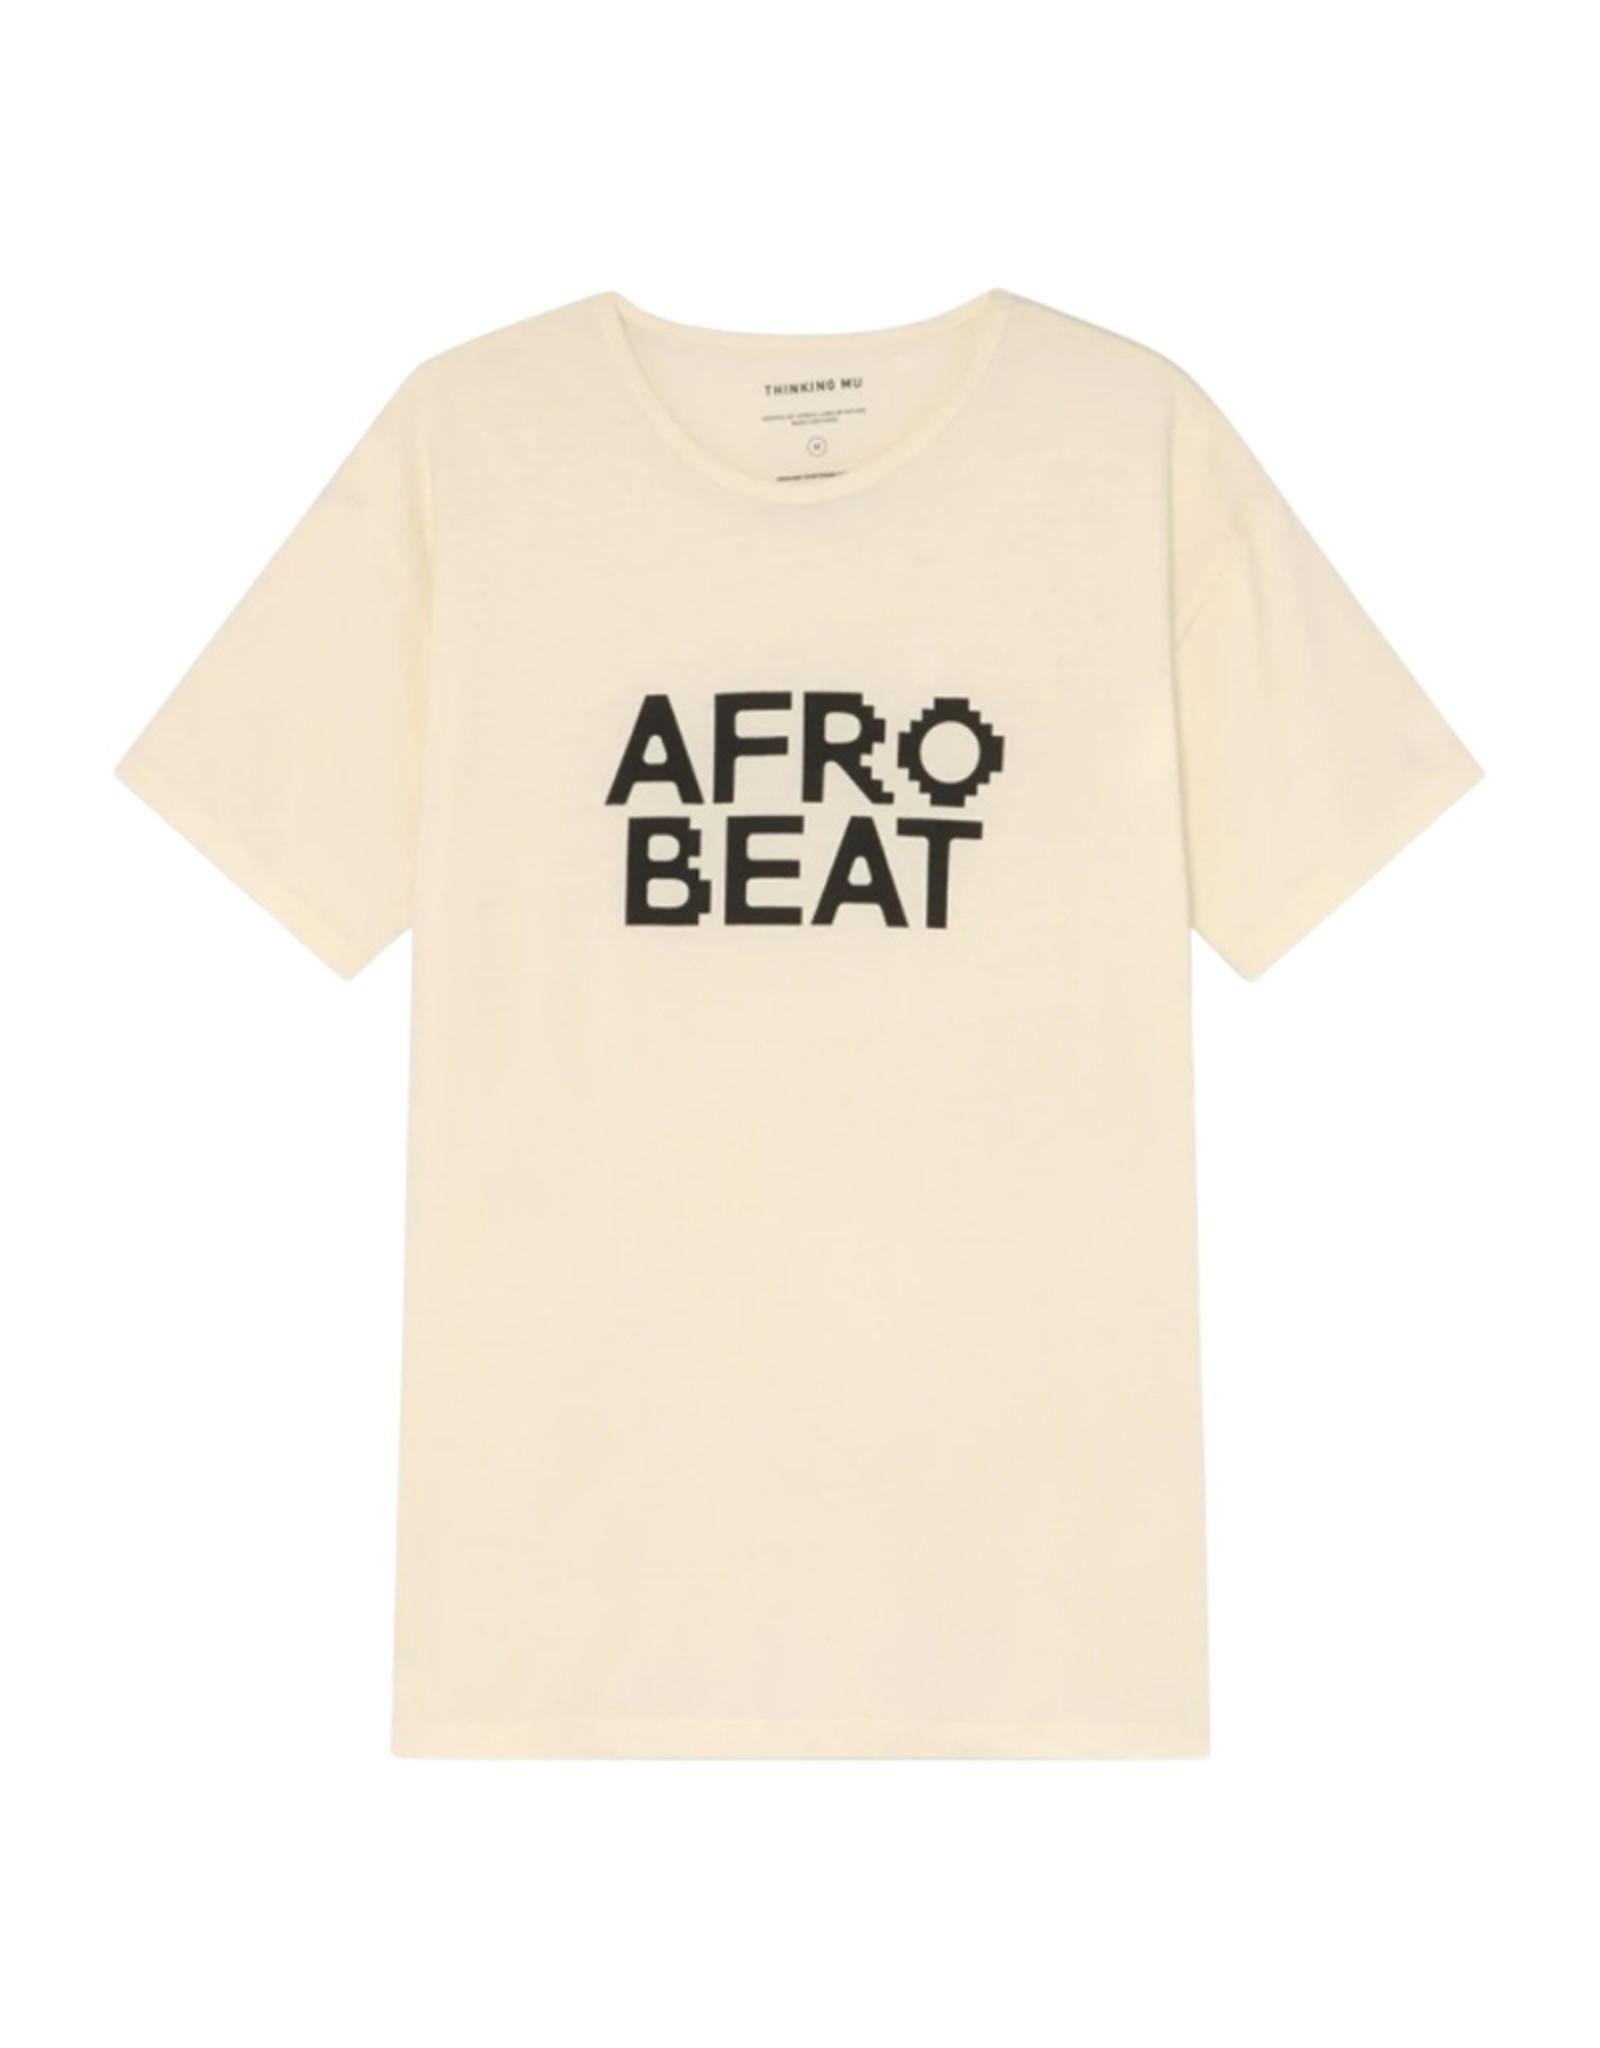 Thinking Mu - AFRO BEAT